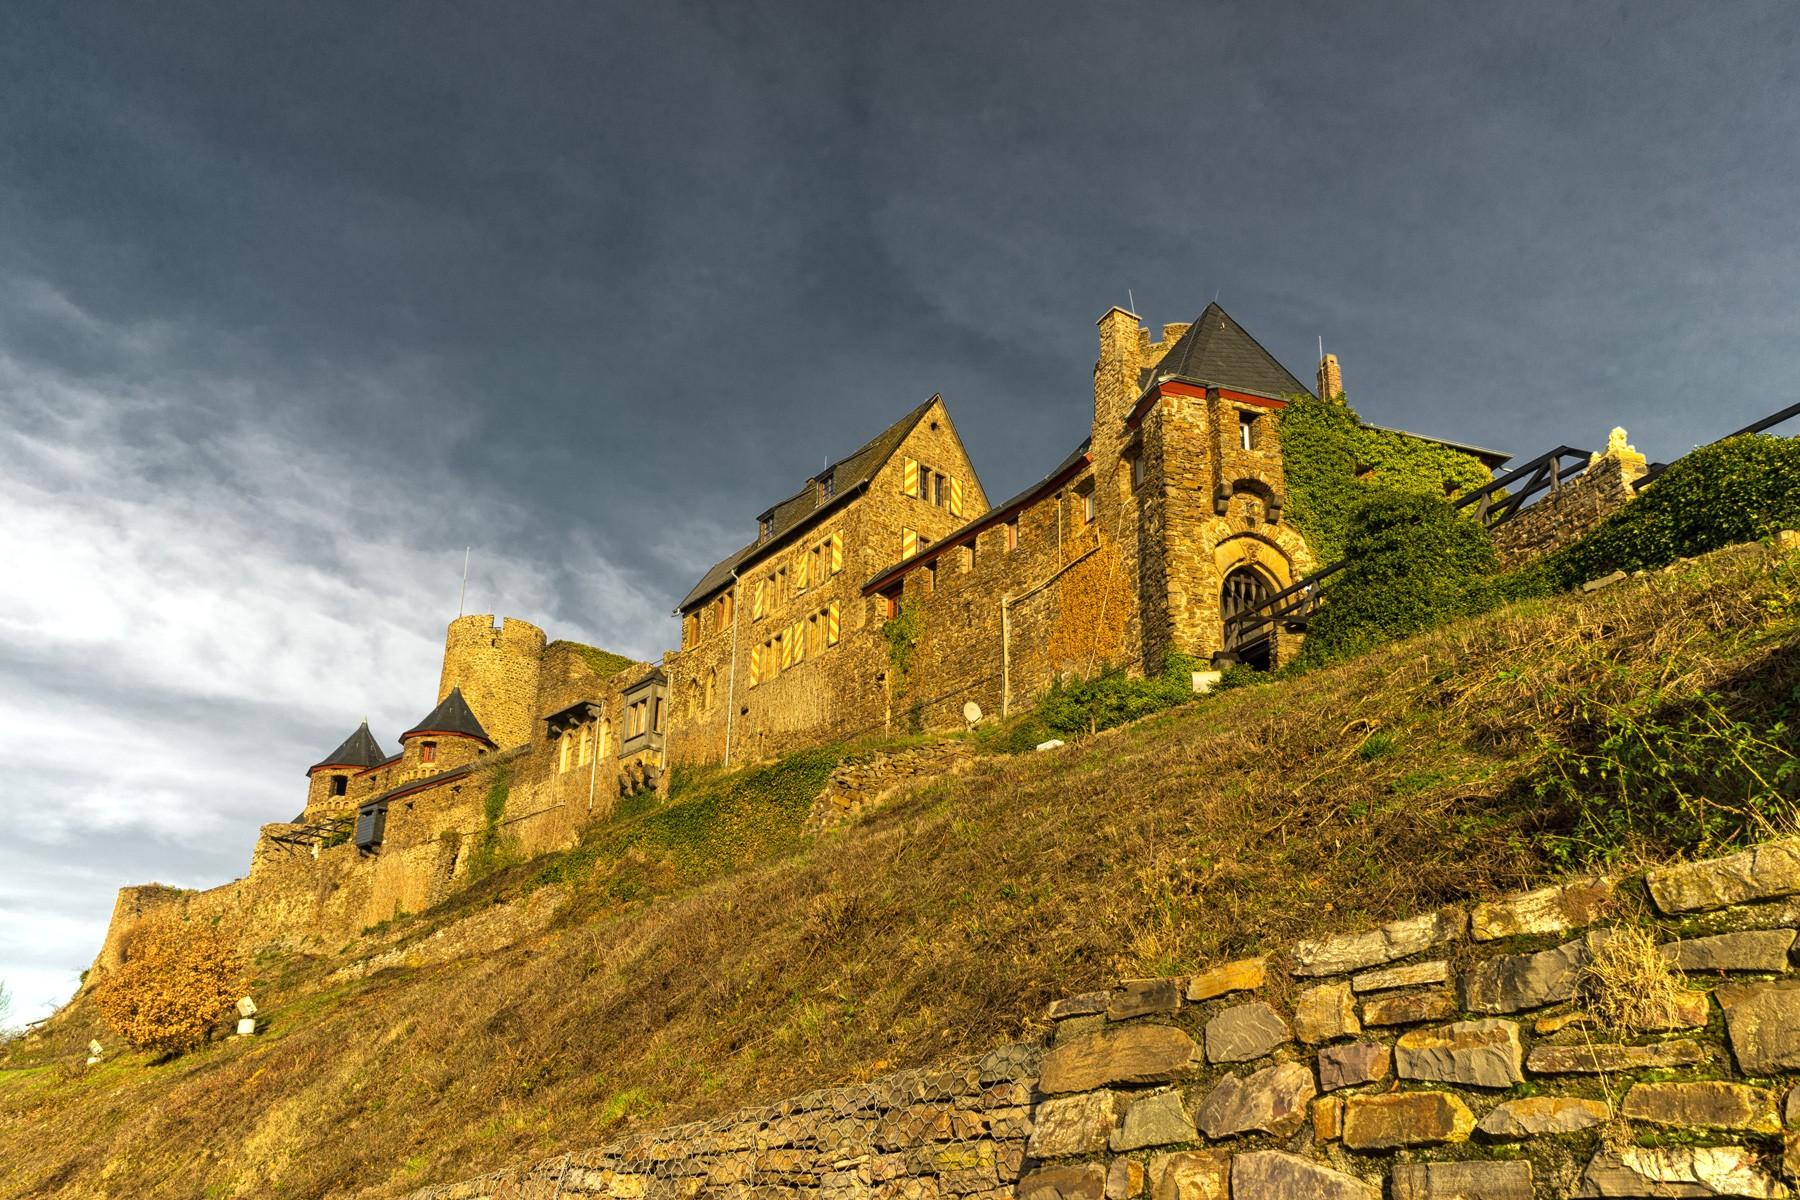 Das Keltendorf in Sünna